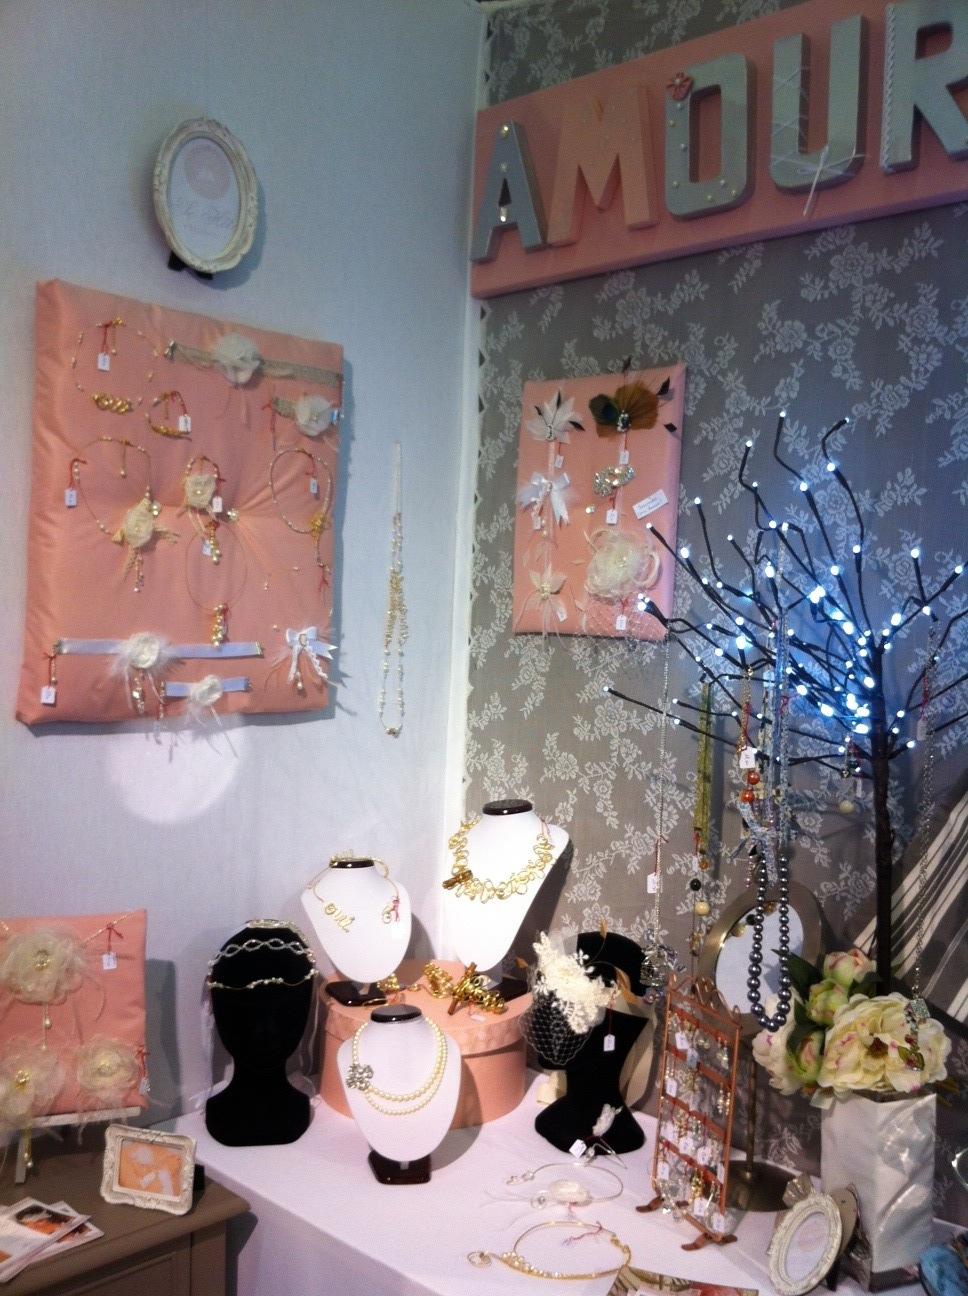 La collection marry me pr sente au salon cr ations et savoir faire 2011 le blog d - Salon creation et savoir faire ...